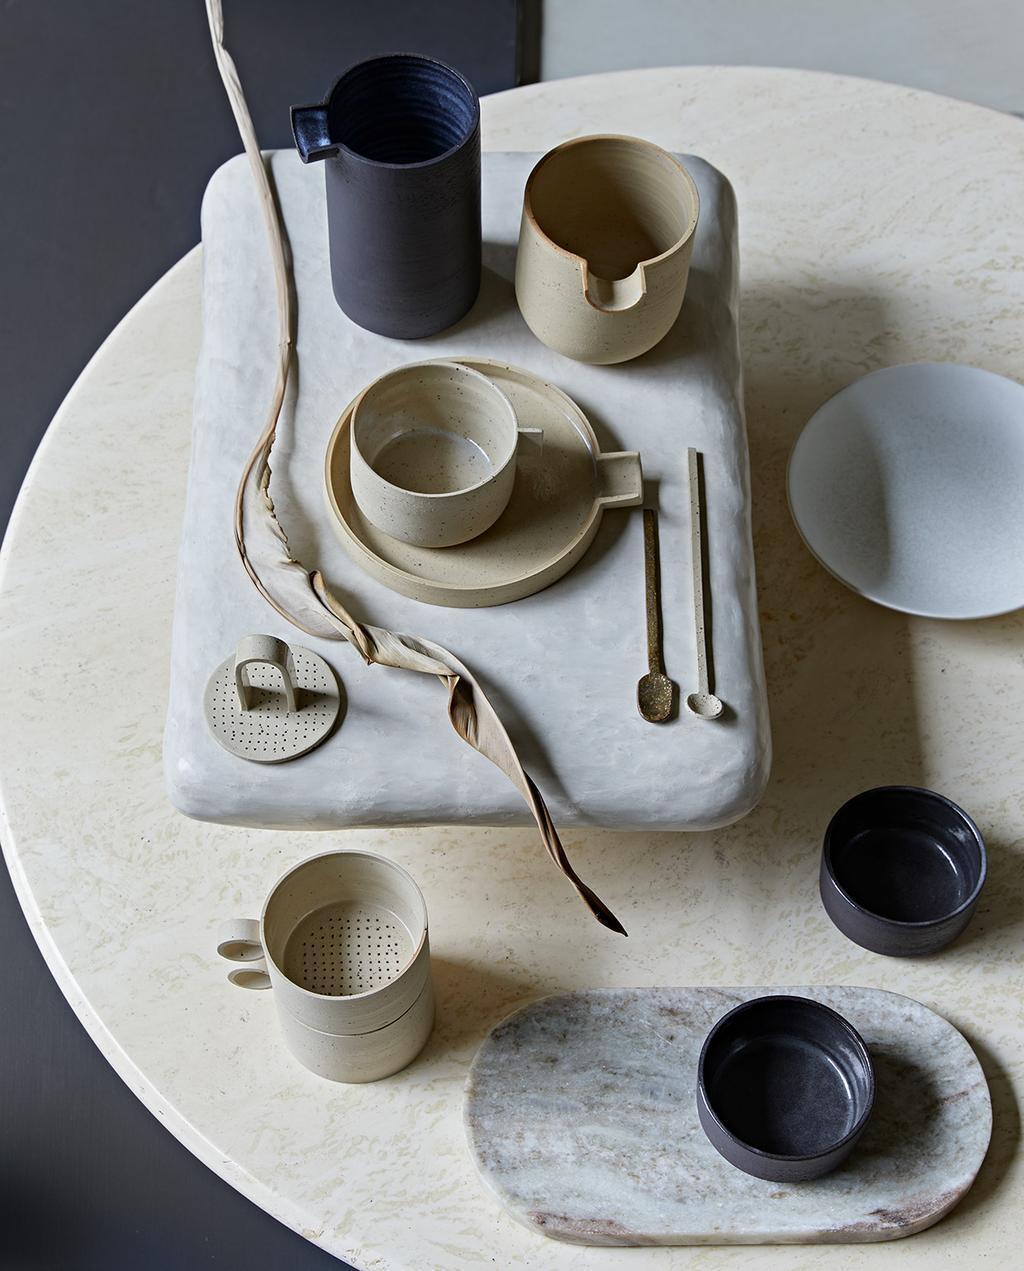 vtwonen 02-2021 | ronde salontafel met aardewerk servies